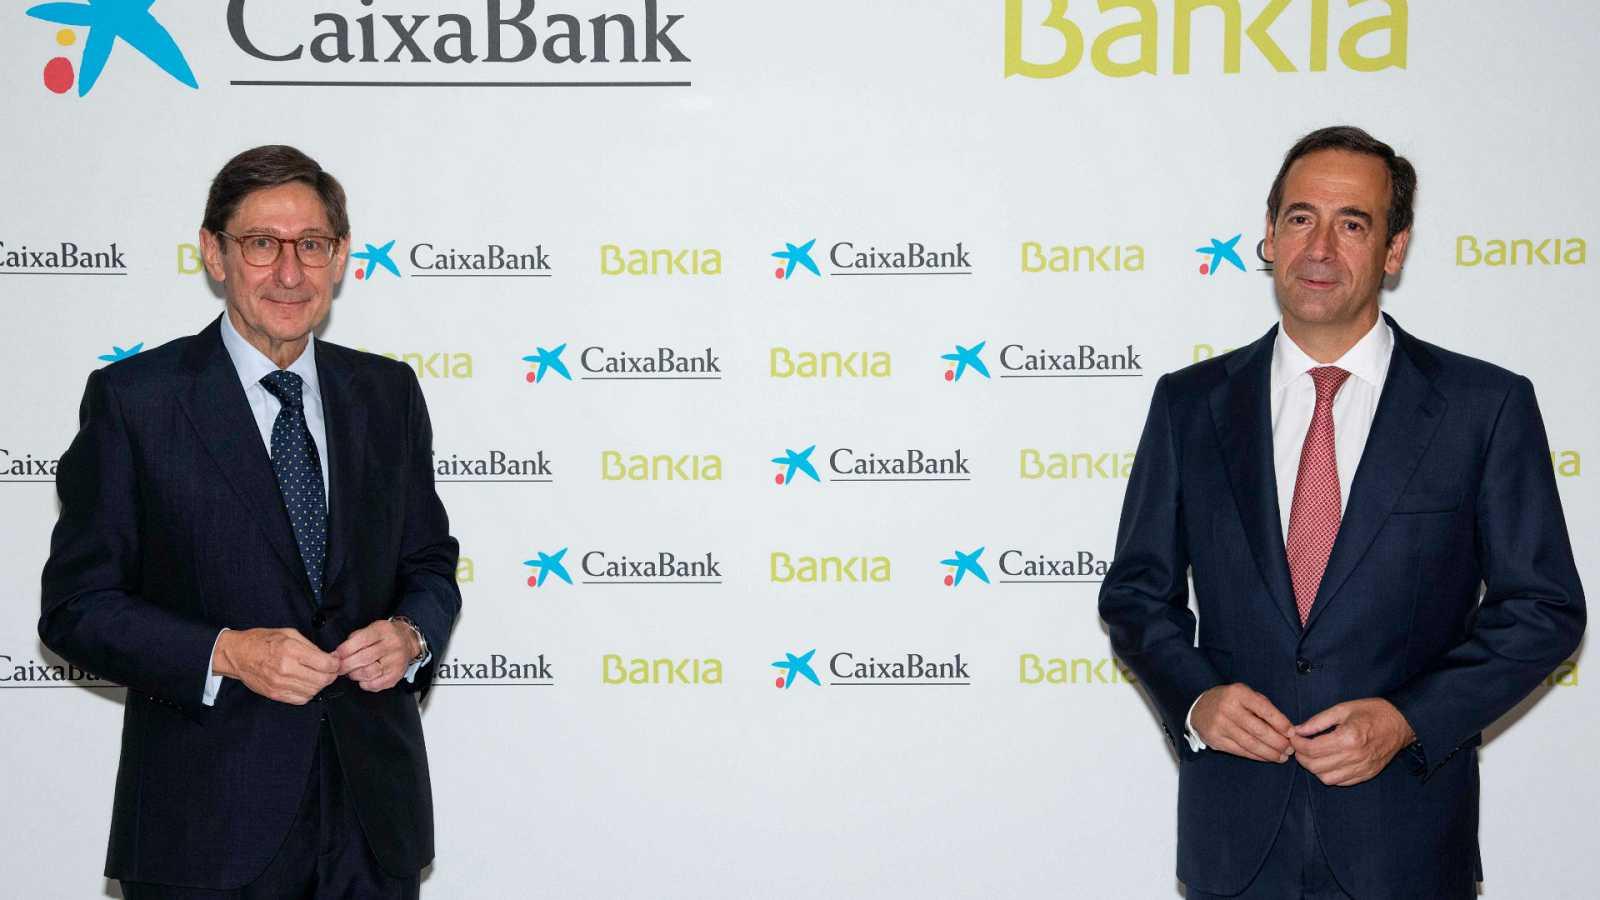 Boletines RNE - Los directivos de CaixaBank aseguran que la fusión beneficia al accionista - Escuchar ahora